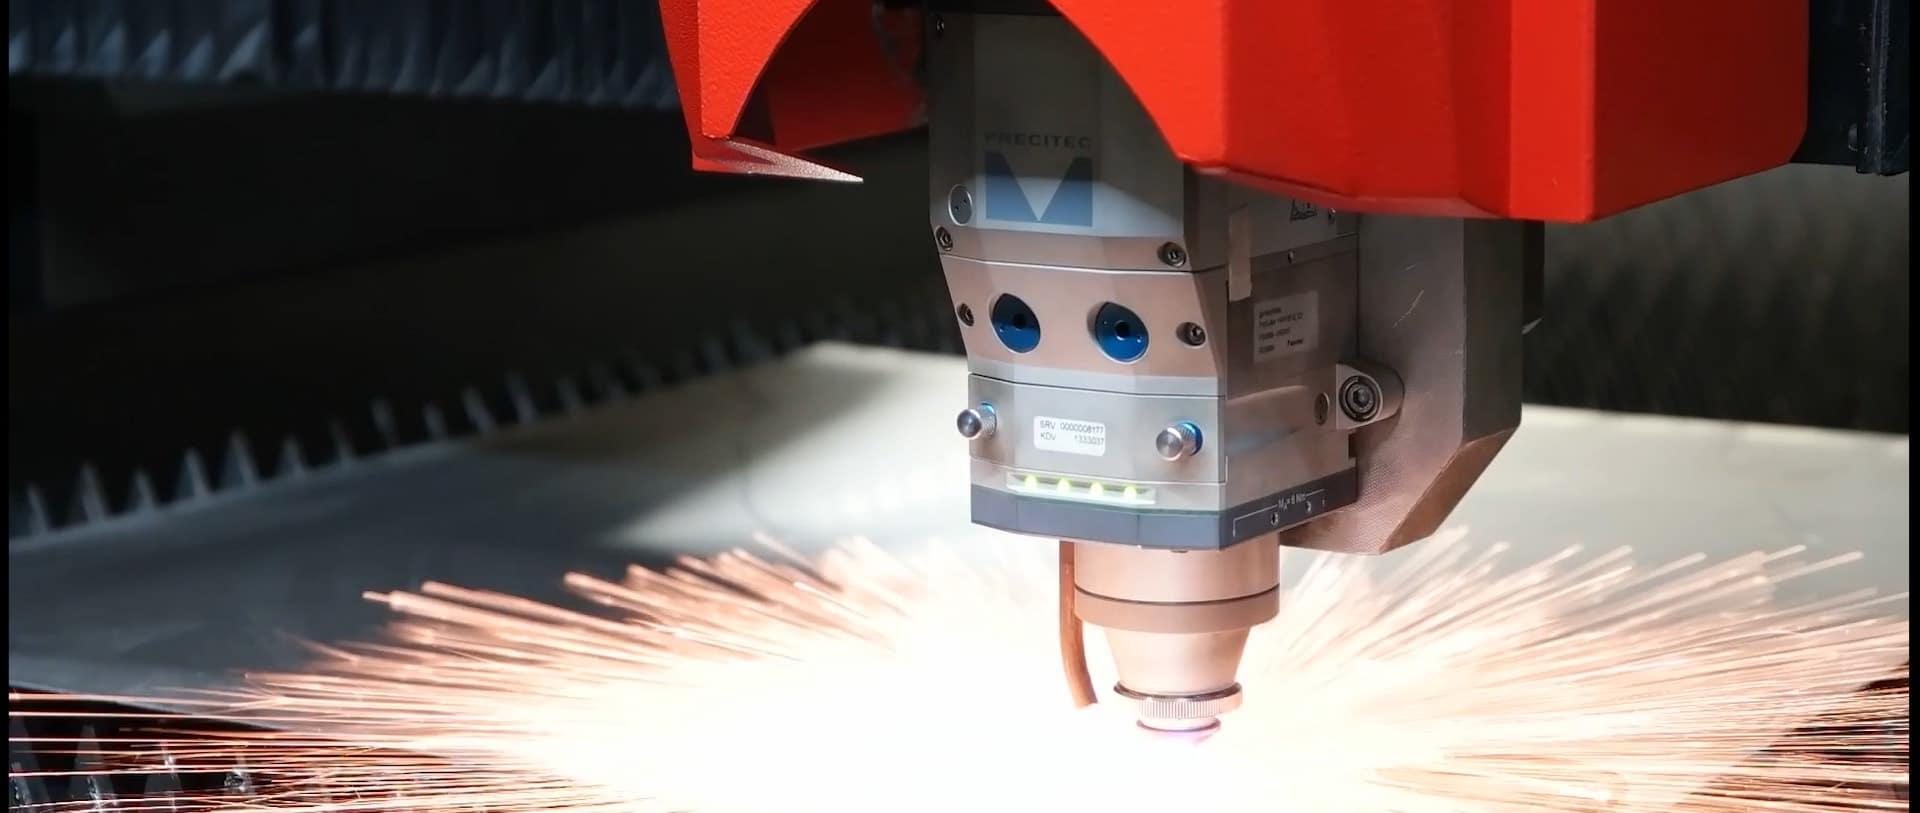 RMT Fiber Laser